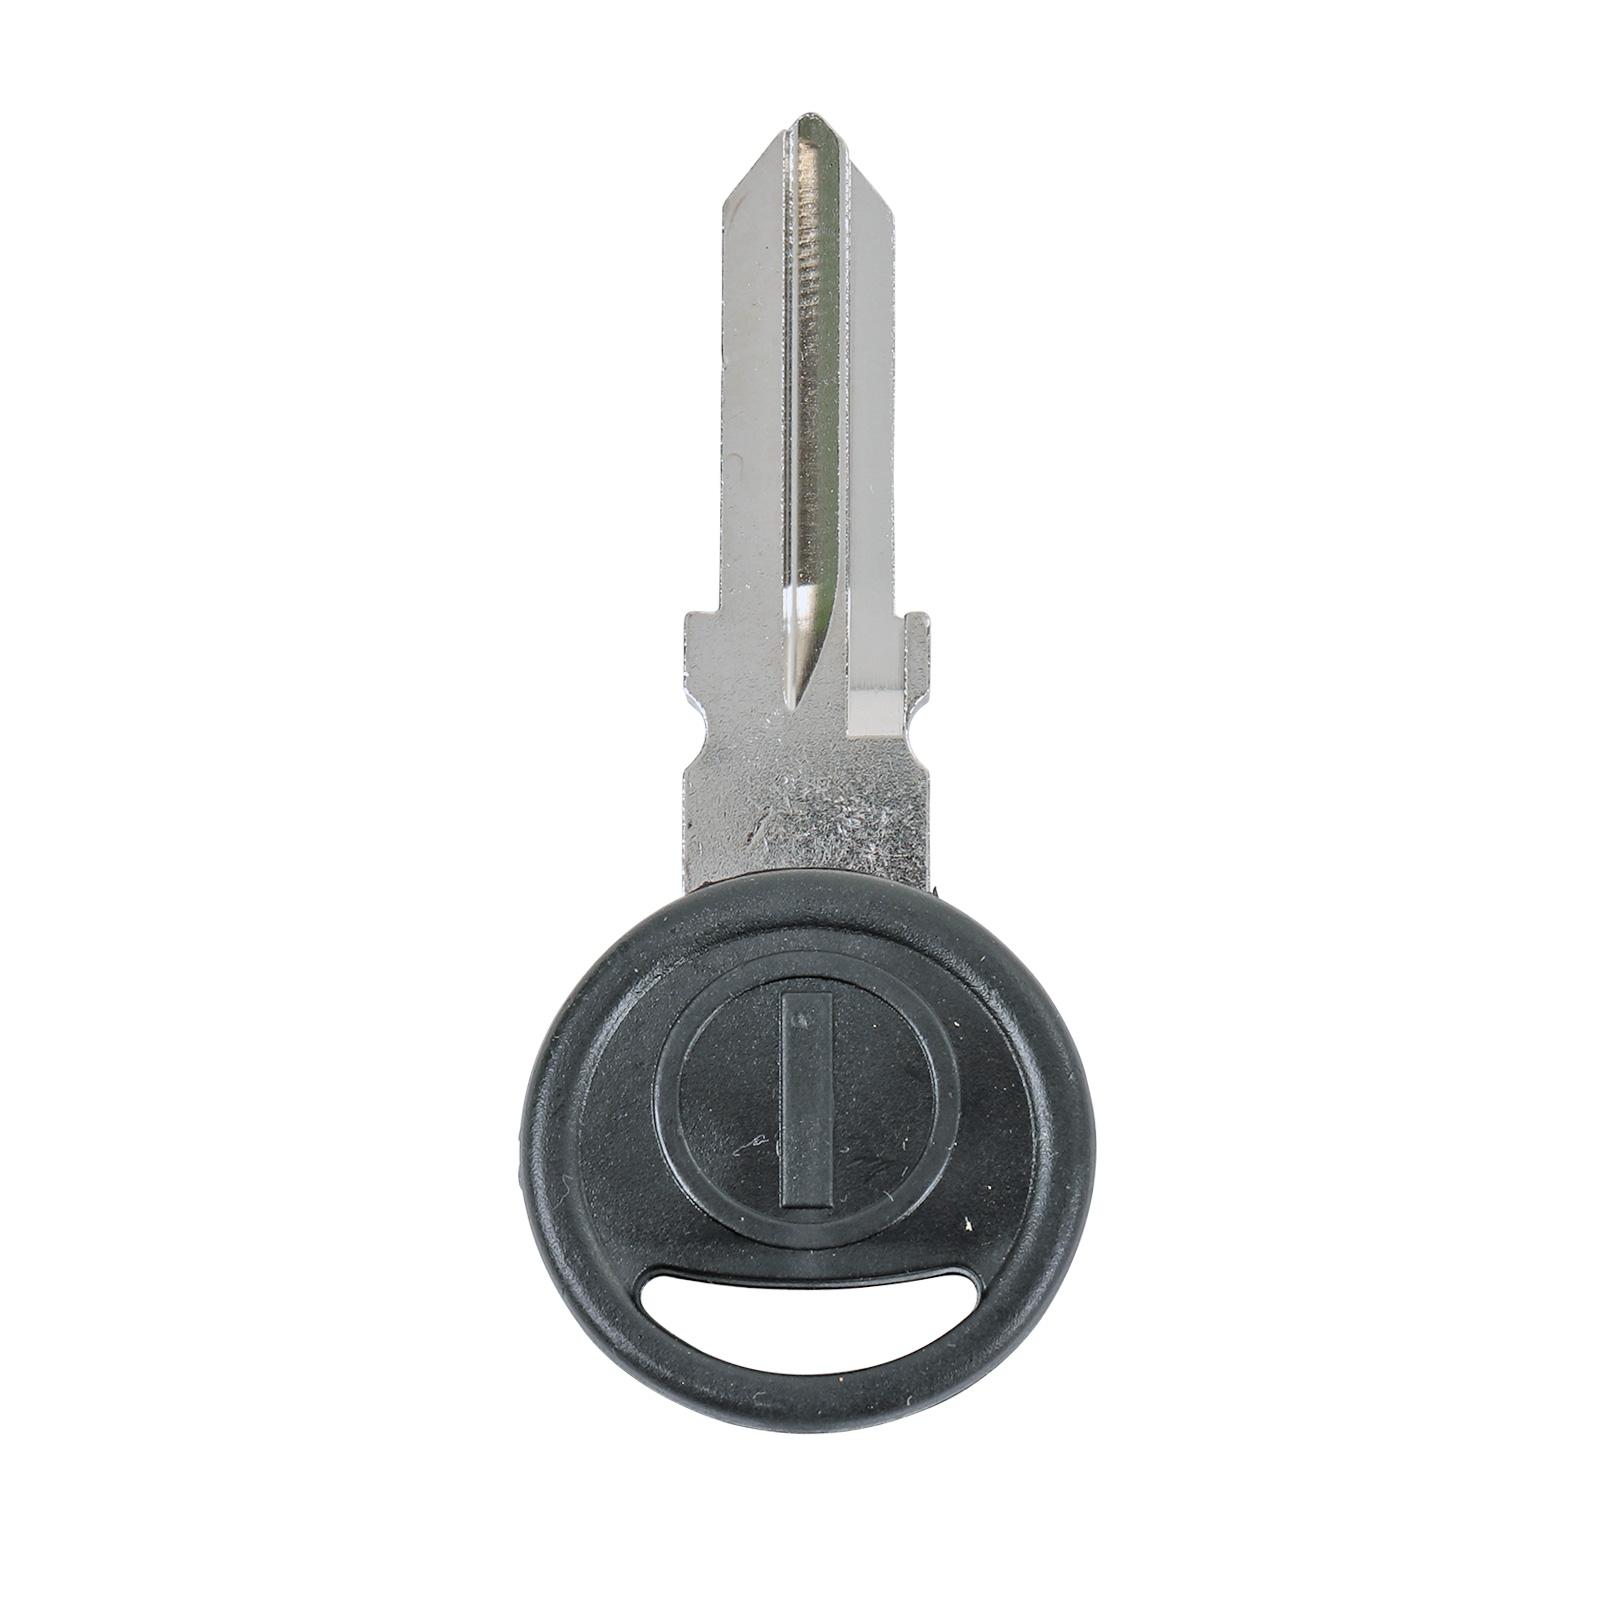 Zadi  Schlüsselrohling   passend für Zadi oder STS Schließzylinder   60 mm Bart